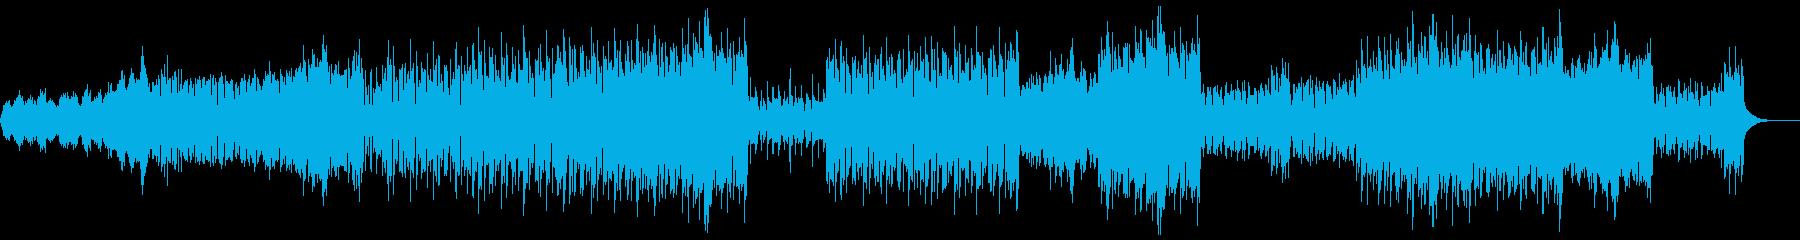 爽やかで明るいループメロディ主体の曲。…の再生済みの波形